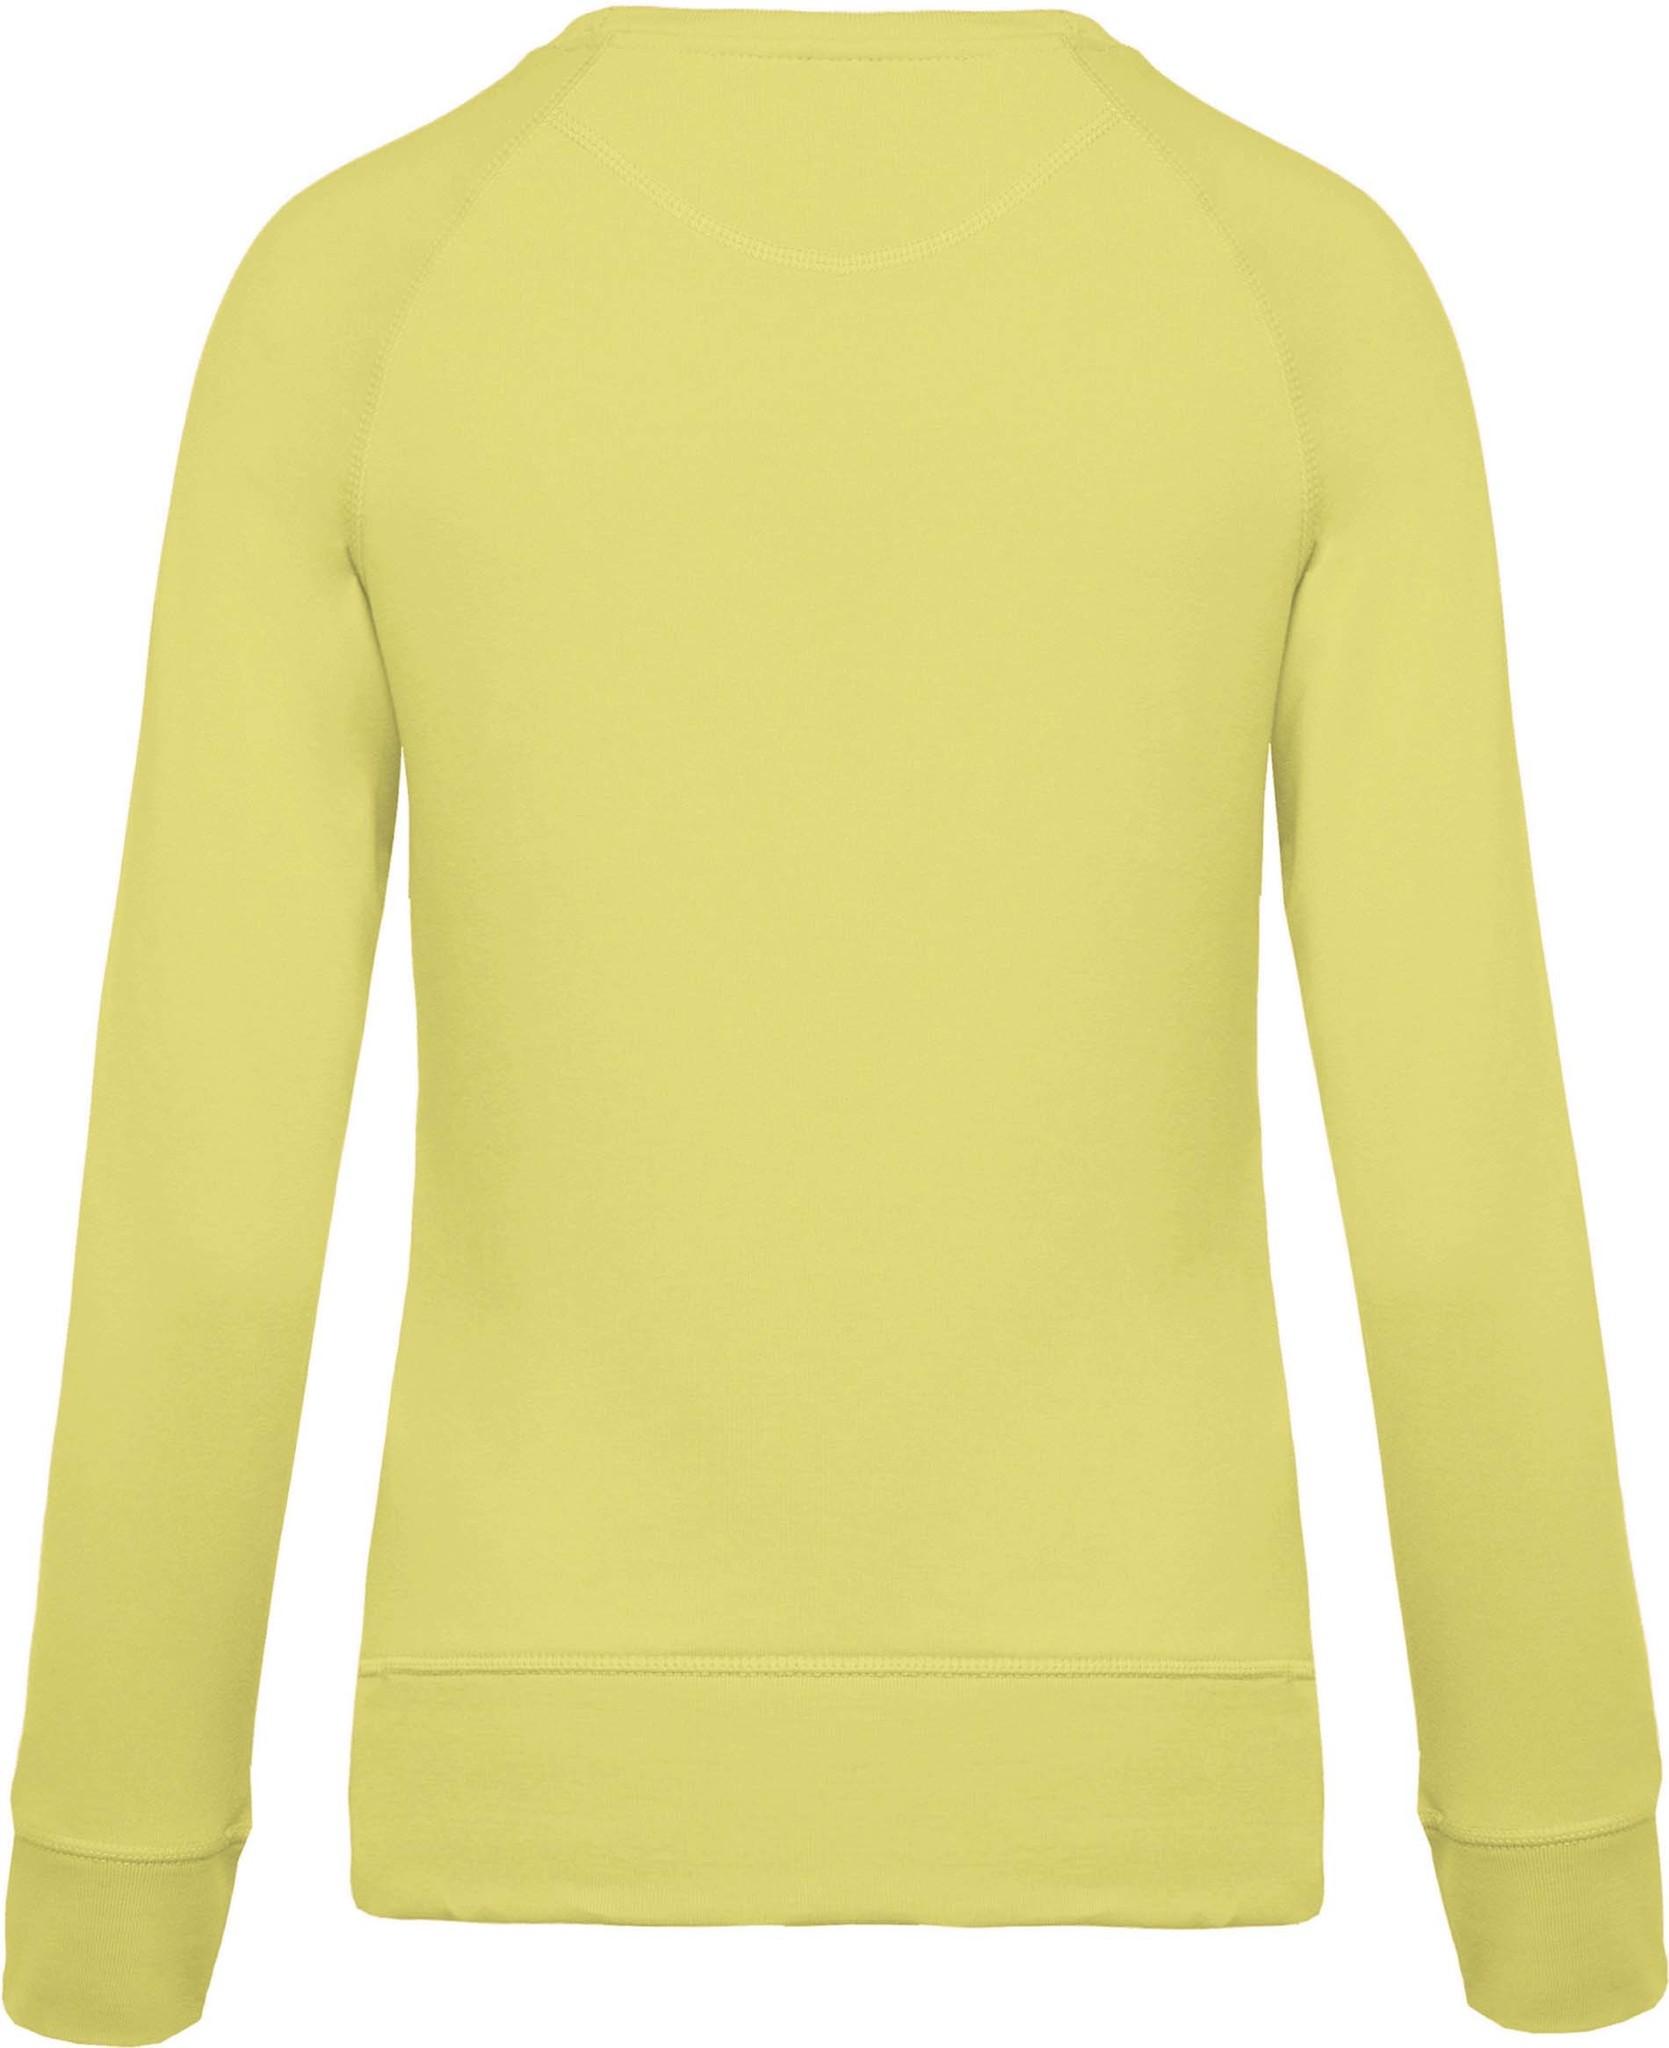 Eco-Friendly Sweater Dames Lemon Yellow